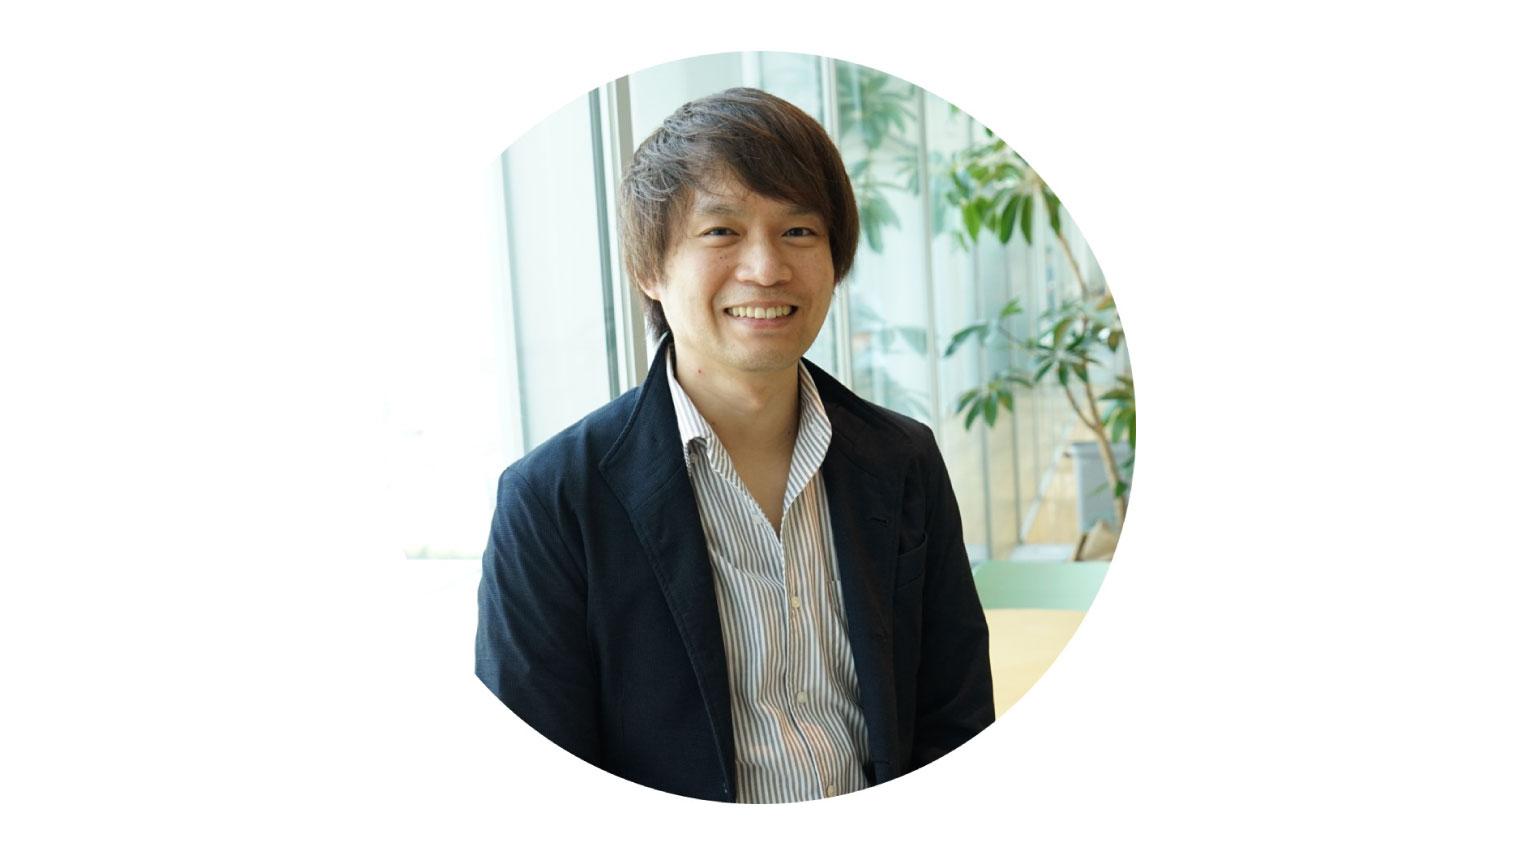 京セラ株式会社 研究開発本部 メディカル開発センター 稲垣智裕さん